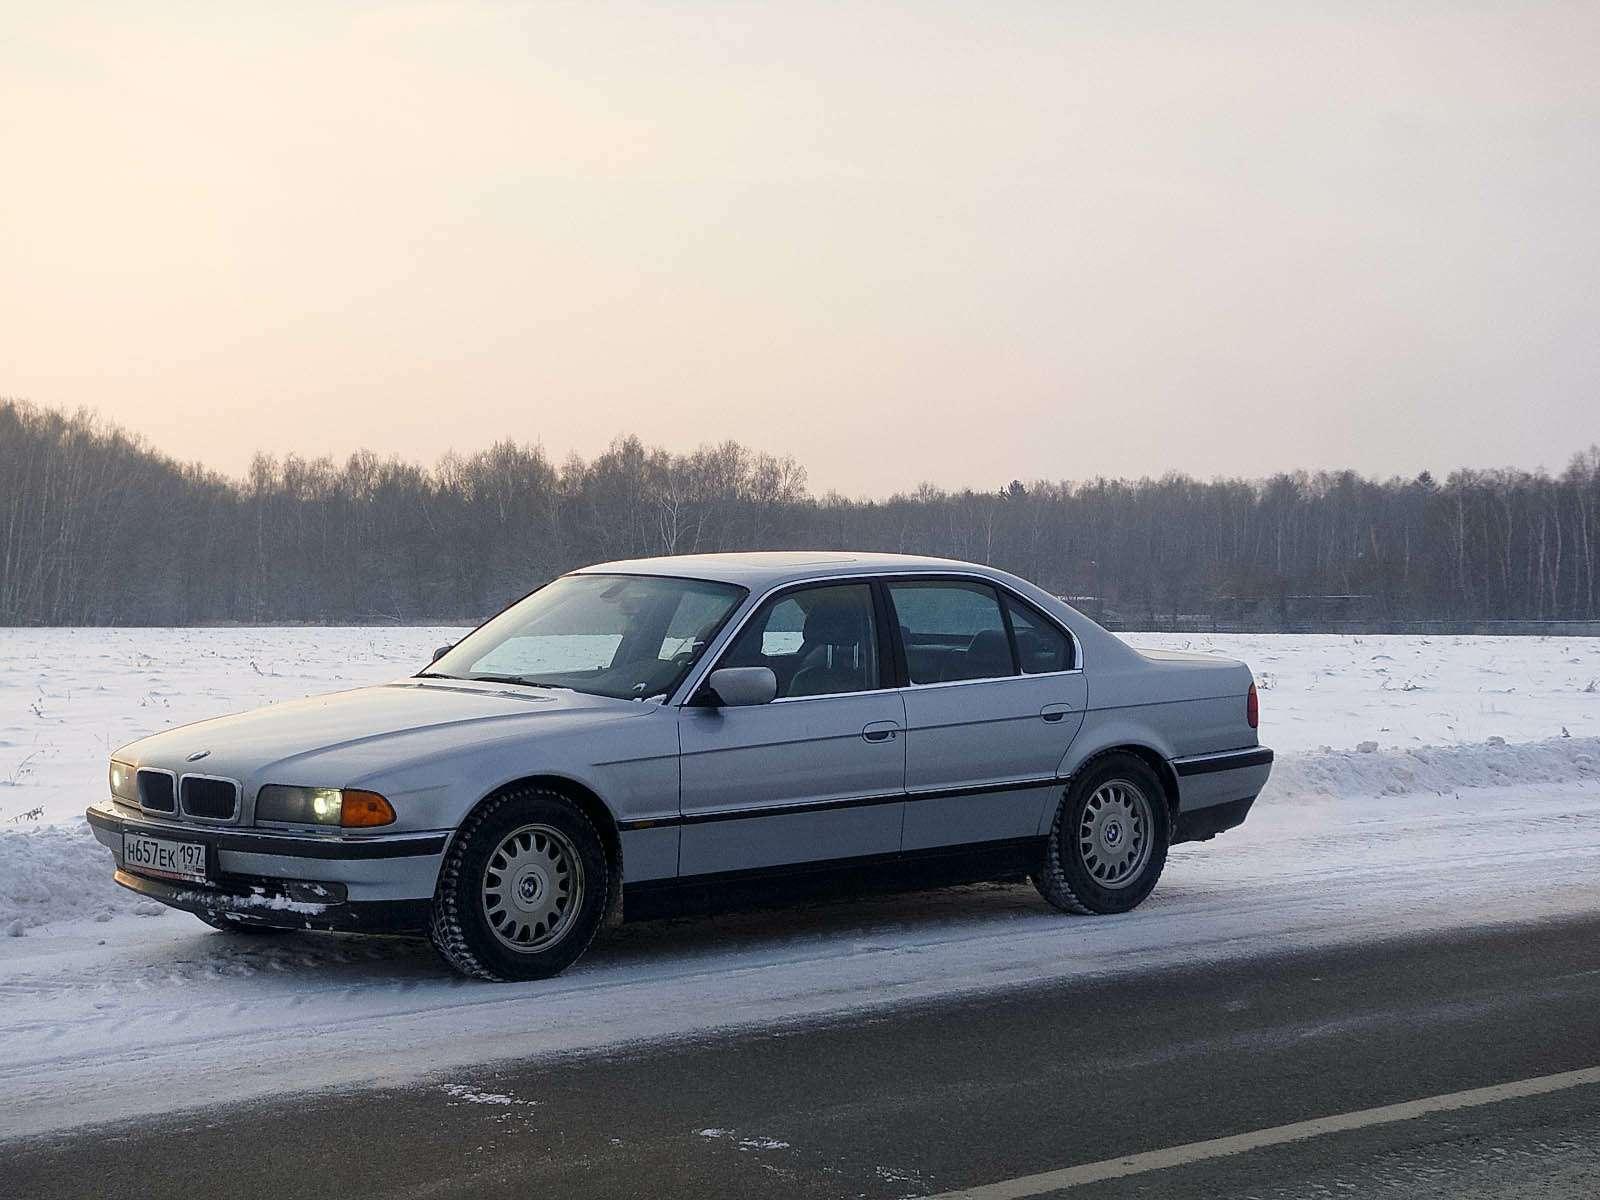 BMW7Series вкузове Е38 1998 г.в.